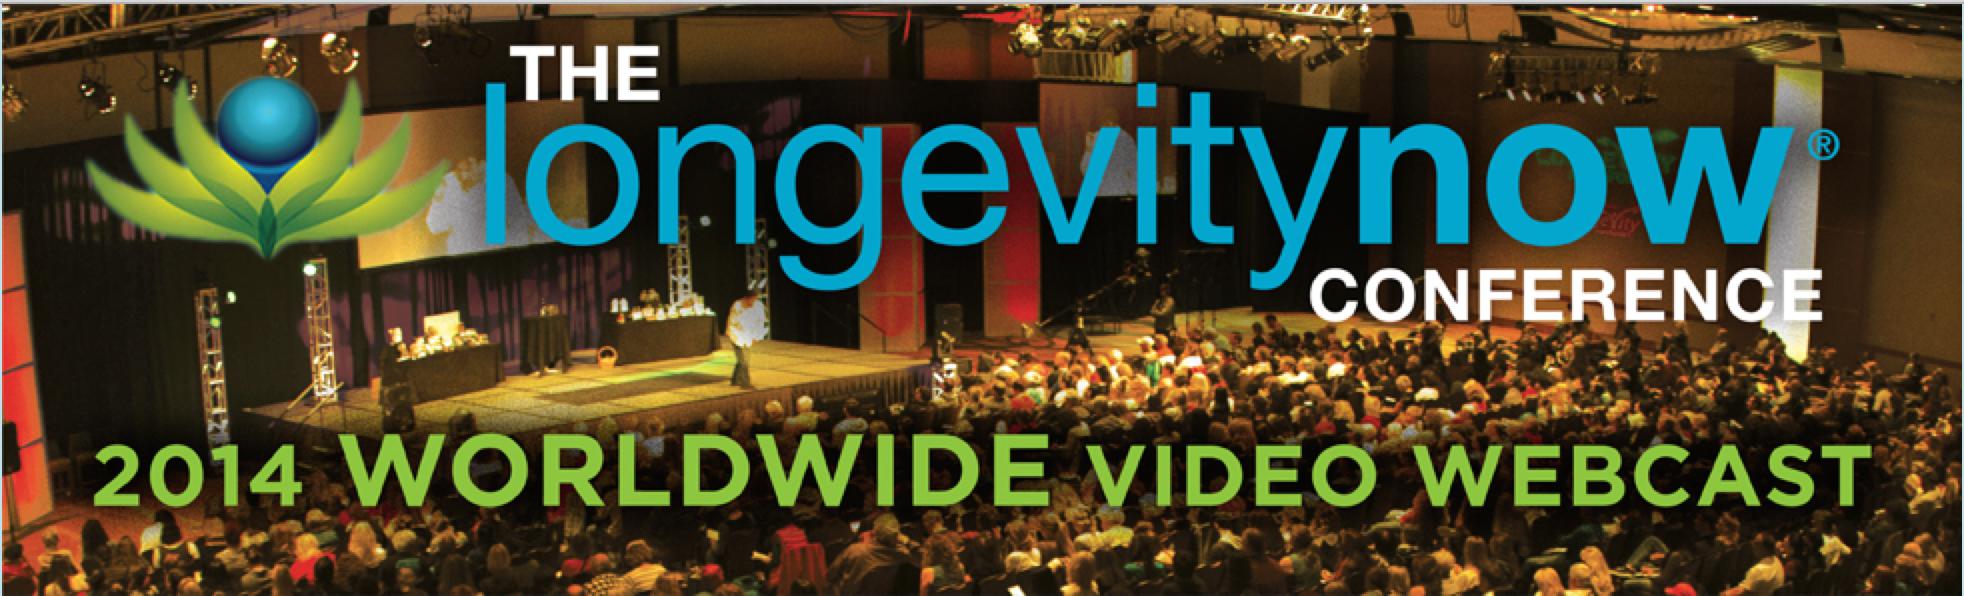 Longevity Now Conference 2014